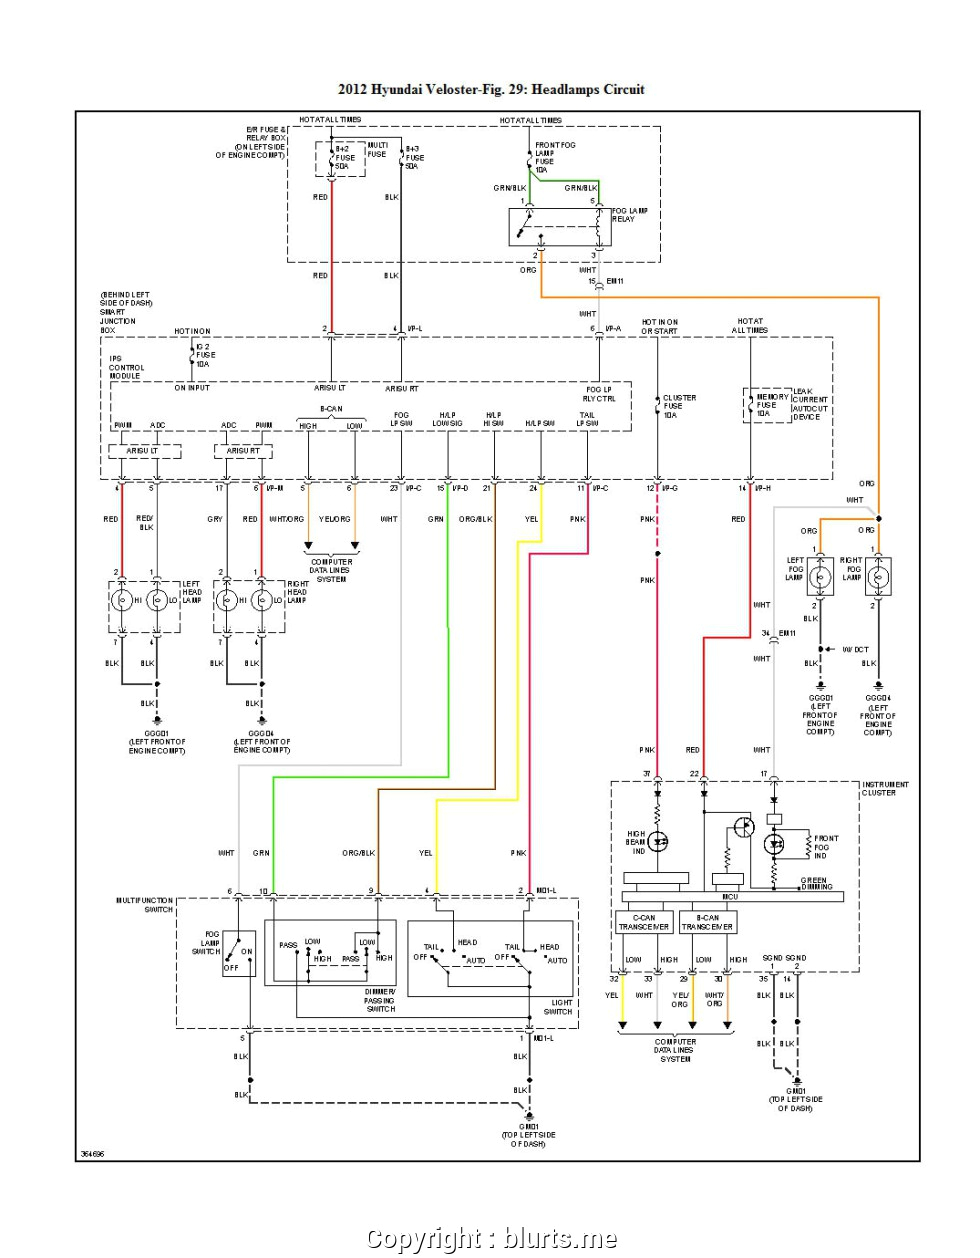 veloster wiring diagram wiring diagrams wiring diagram for 2012 hyundai veloster veloster wiring diagram wiring diagram